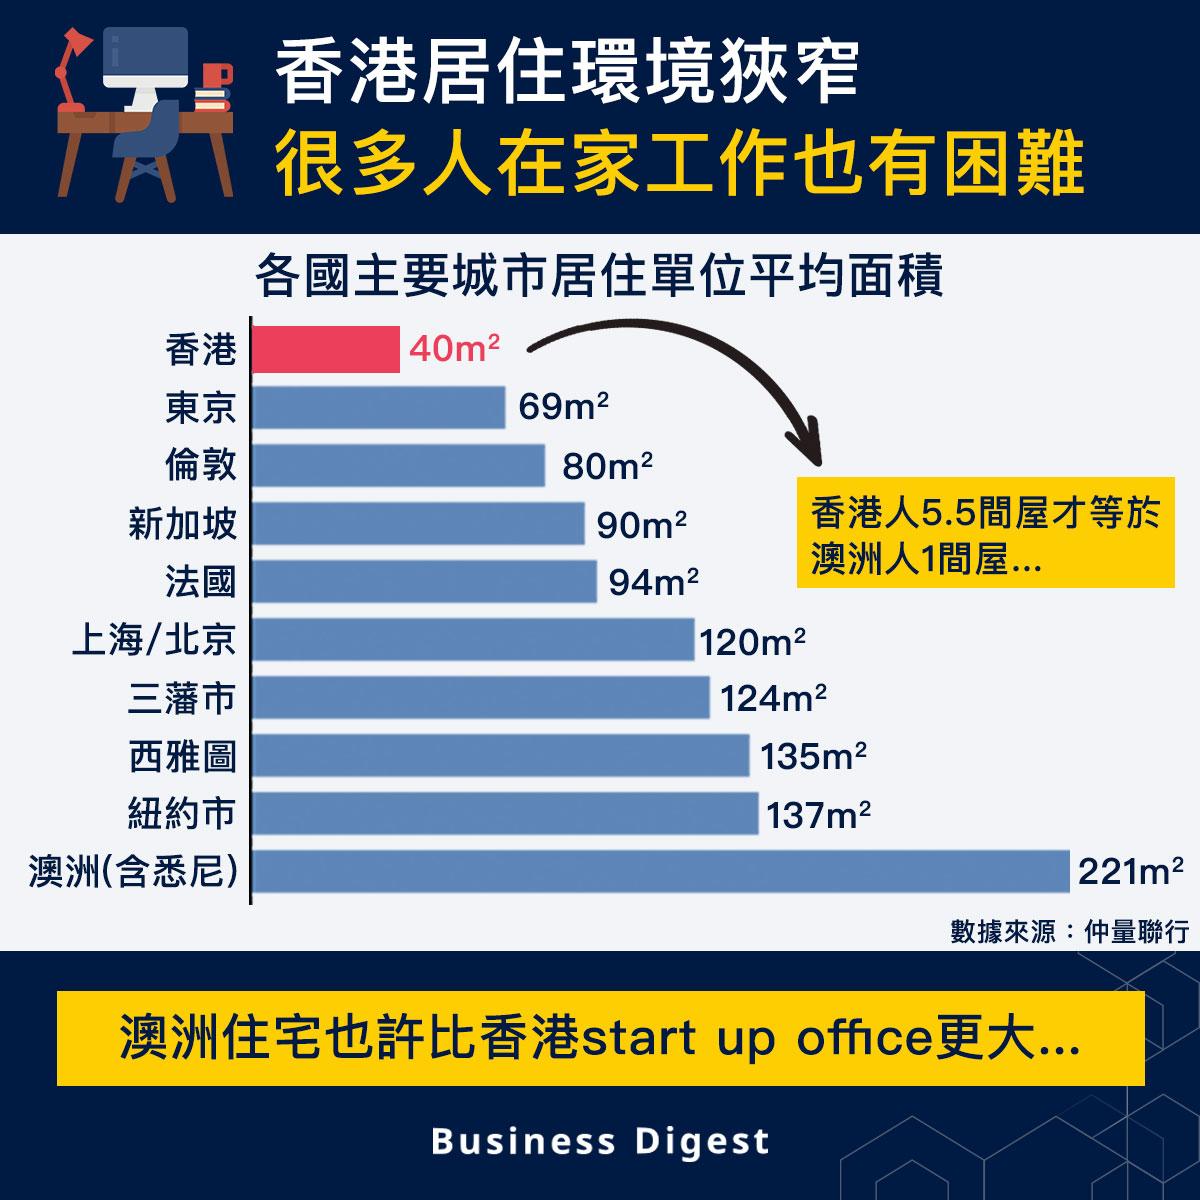 【從數據認識經濟】香港居住環境狹窄,很多人在家工作也有困難